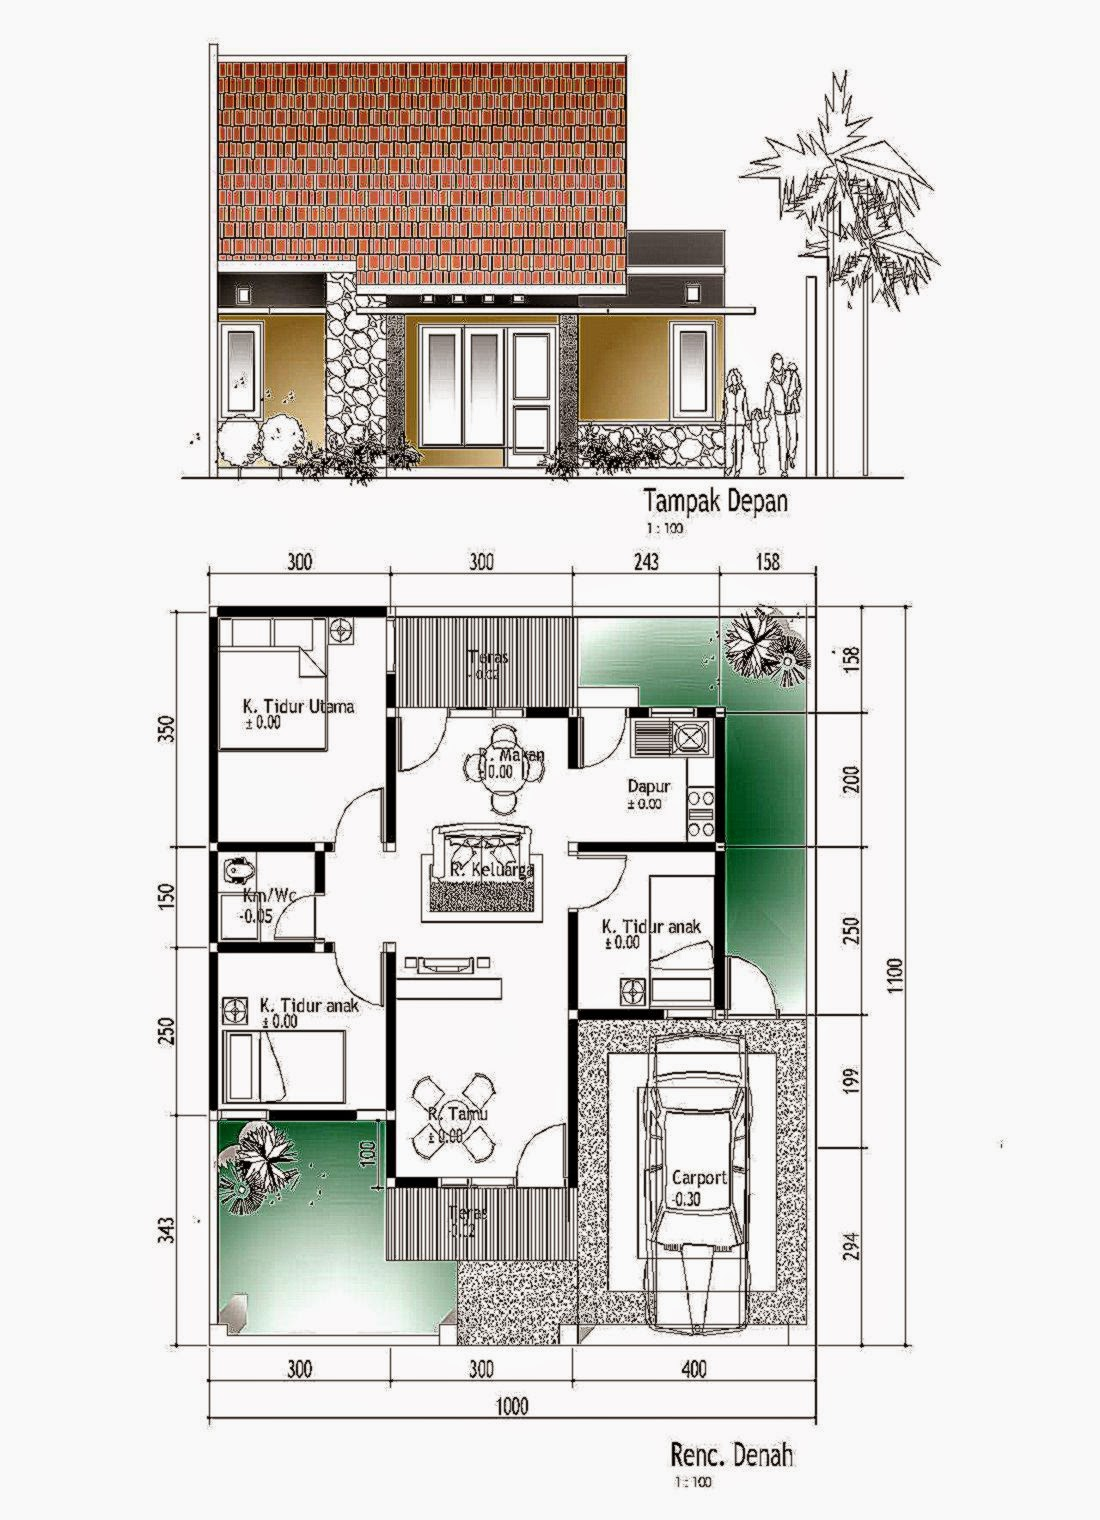 100 Gambar Rumah Panggung Minimalis Sederhana Gambar Desain Rumah